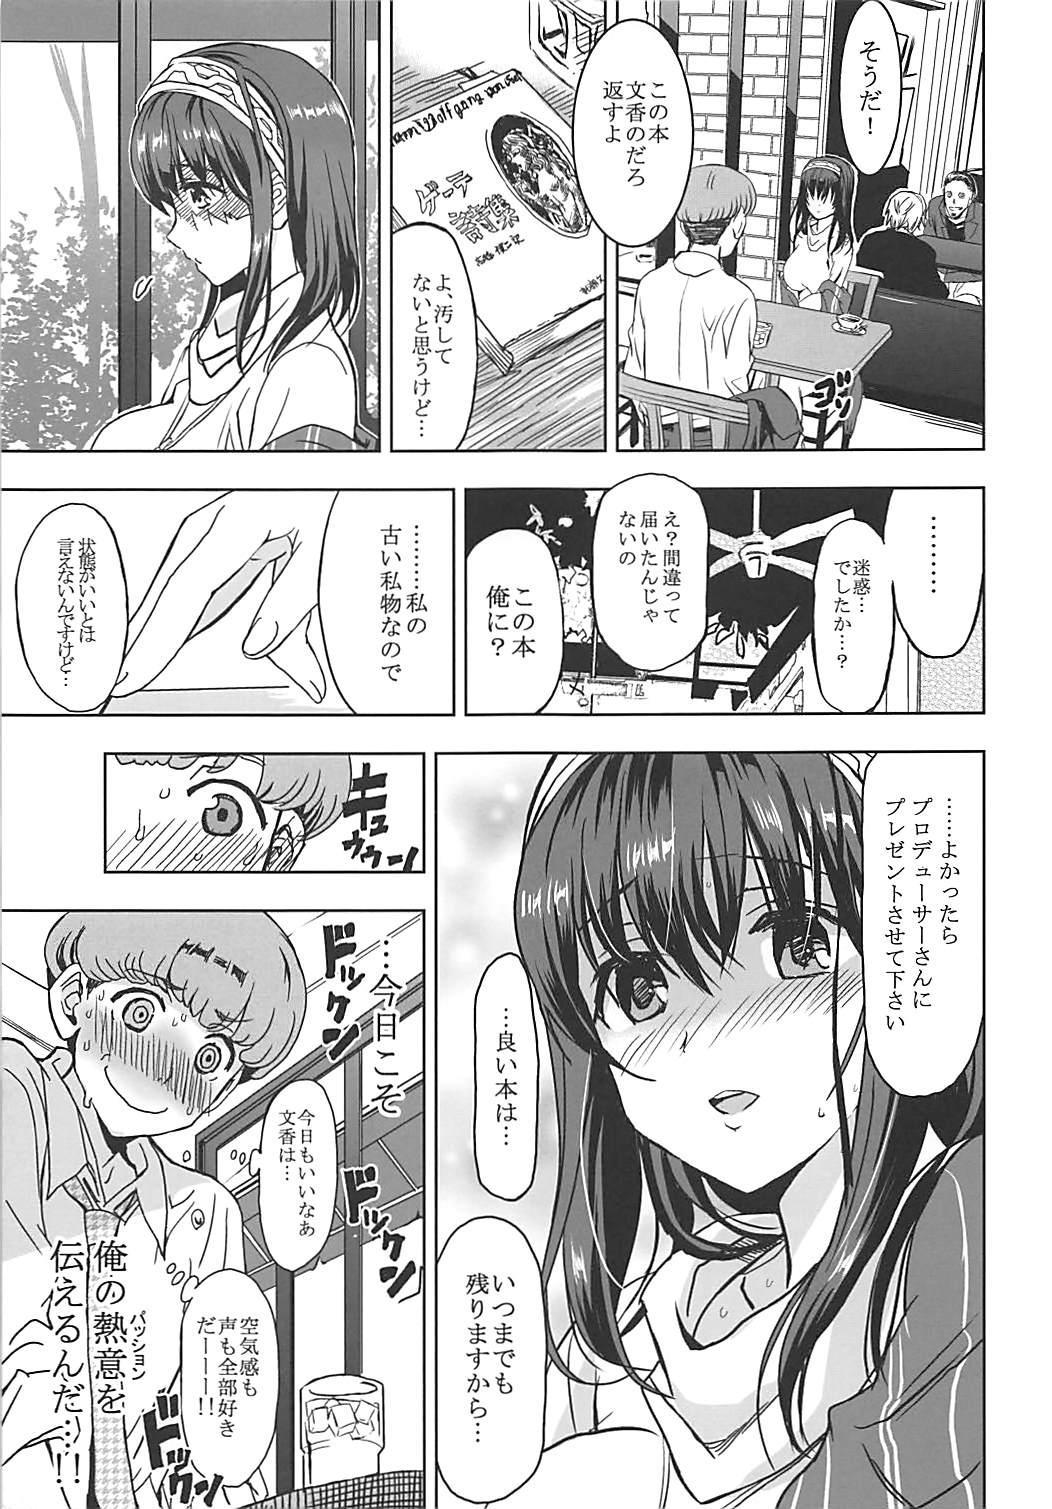 Utakata Sagisawa Fumika 6